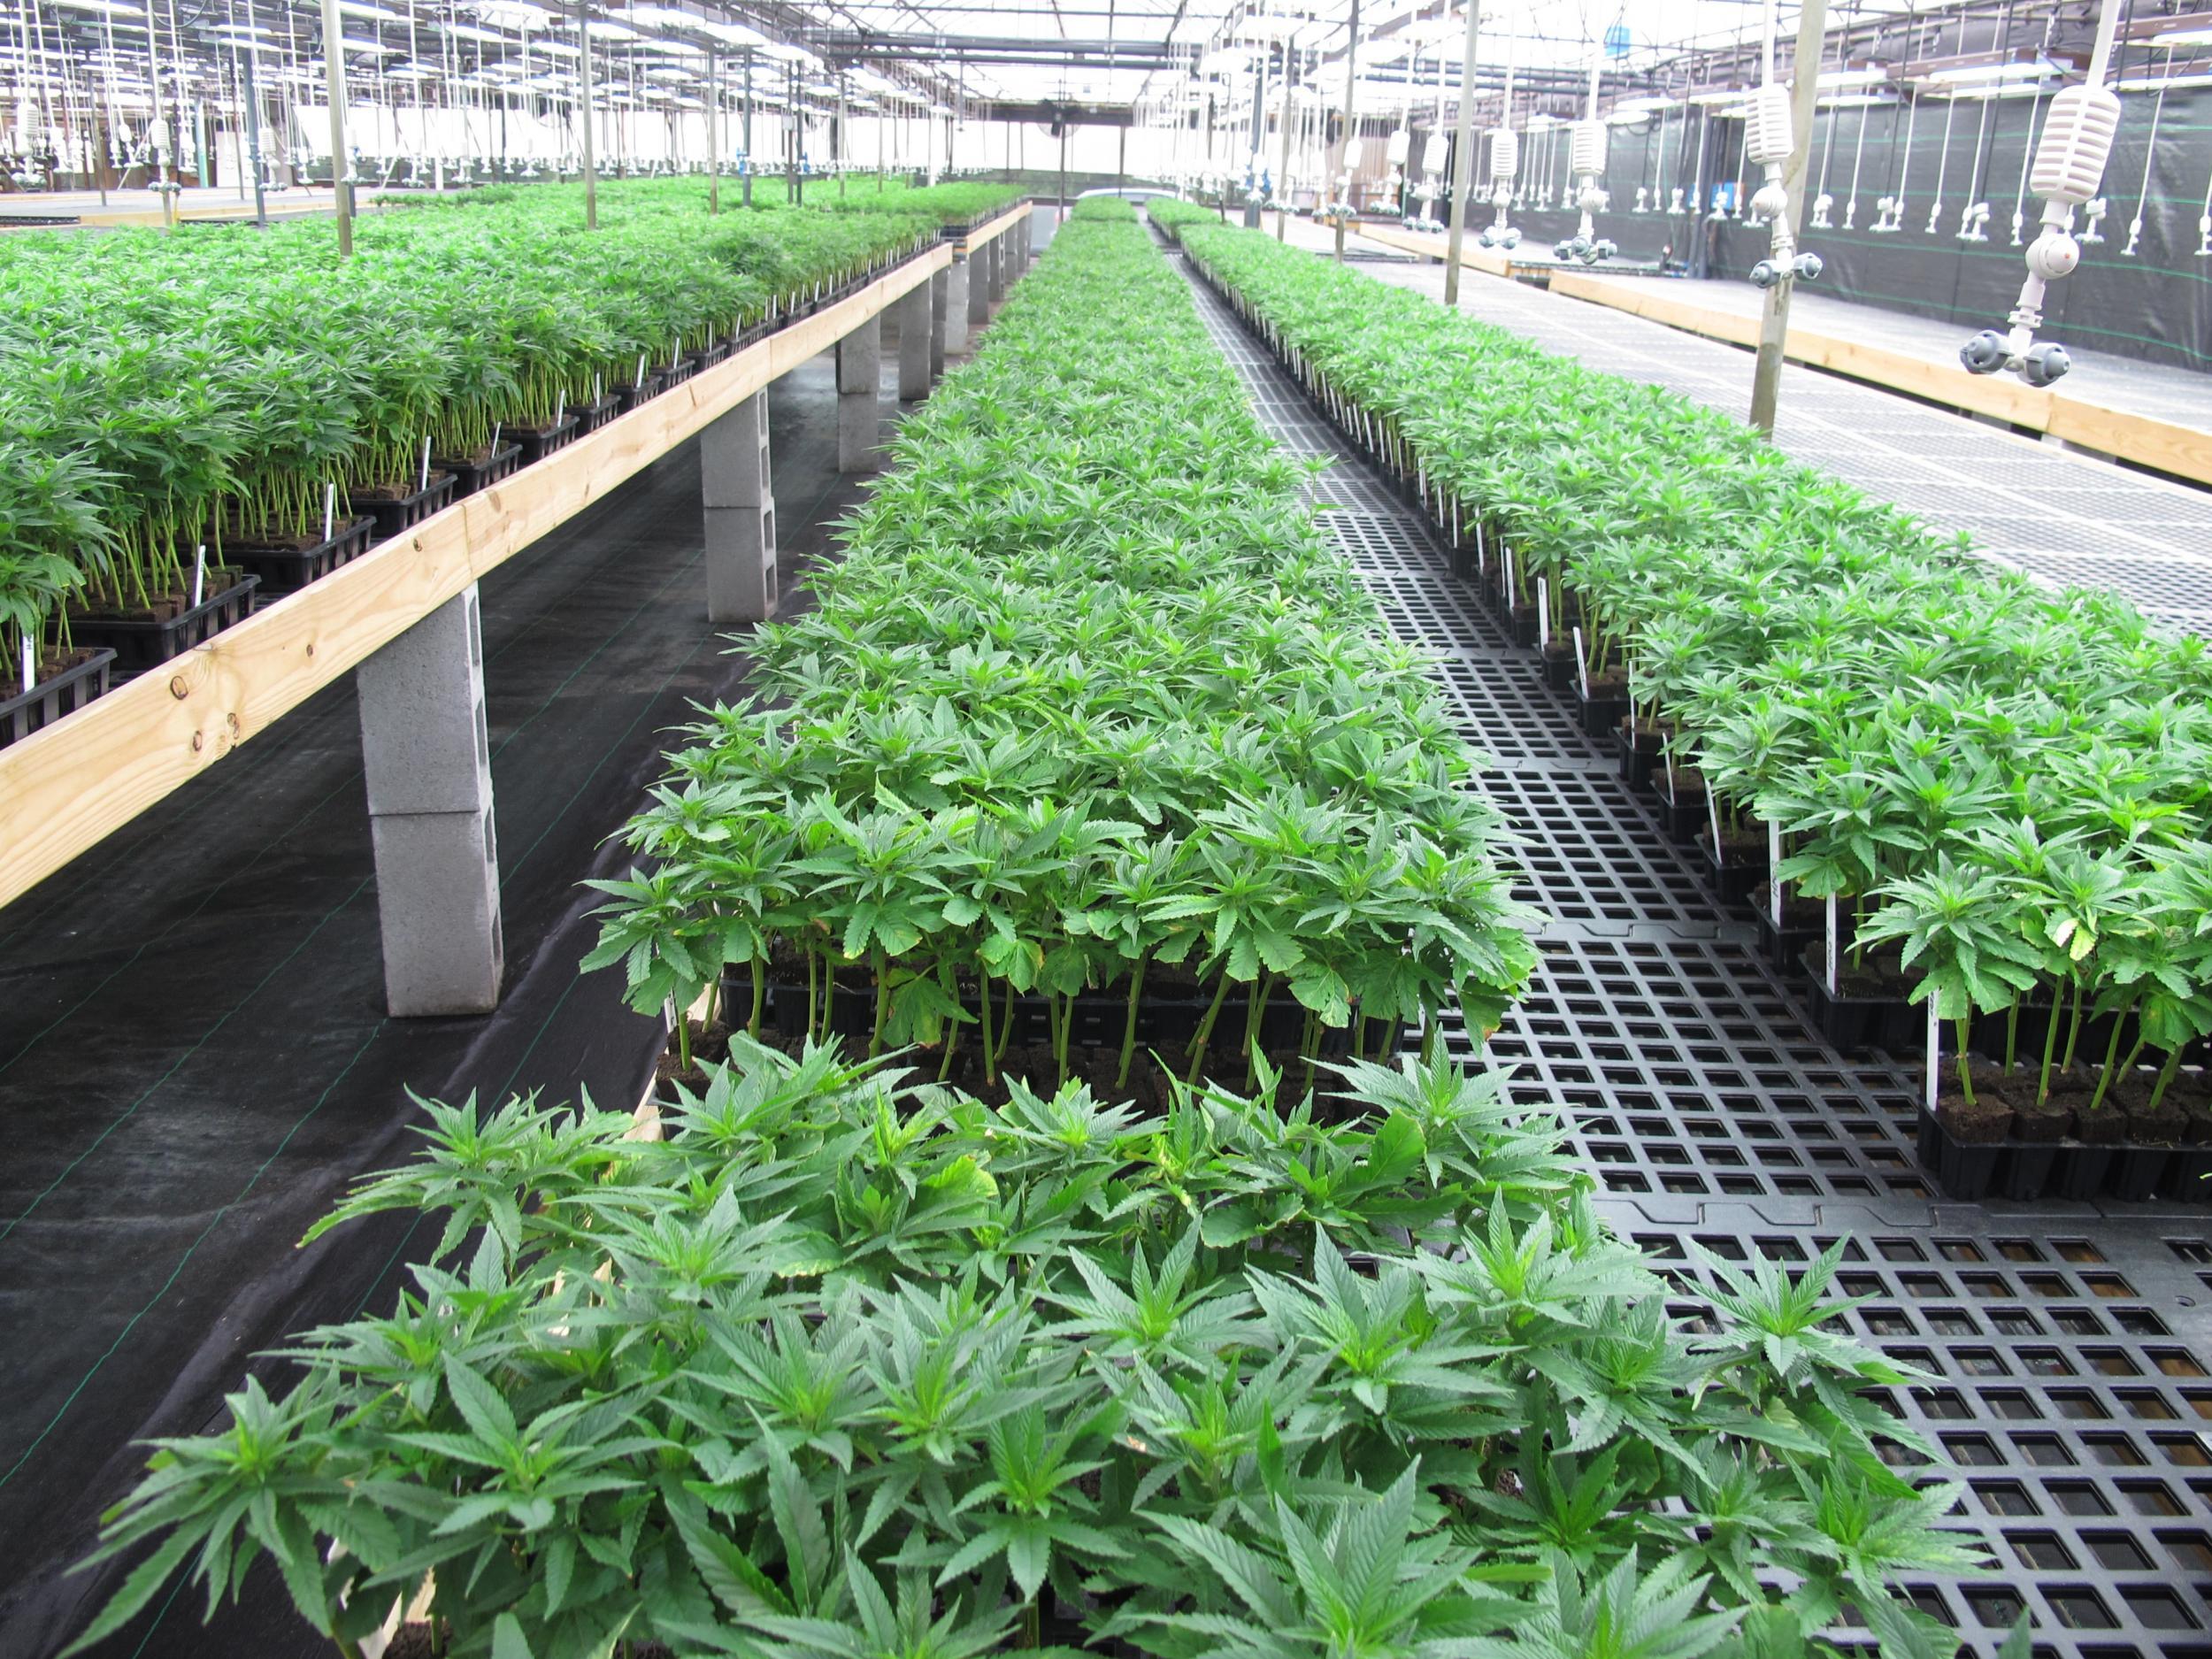 greenhouse3canhalverston